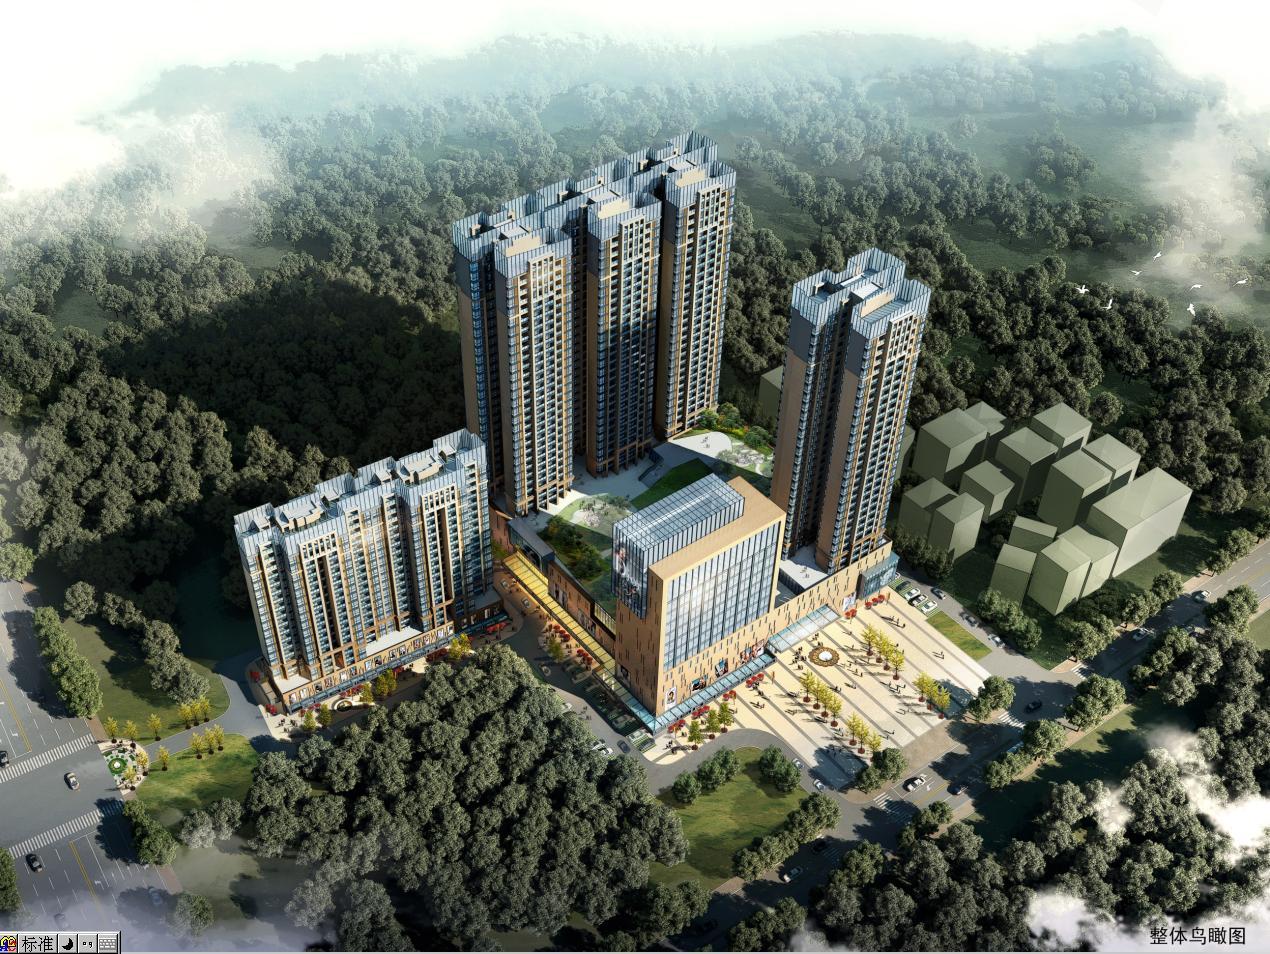 [方案][广东]新中式风格仿金属屋顶高层住宅楼建筑设计方案文本图片